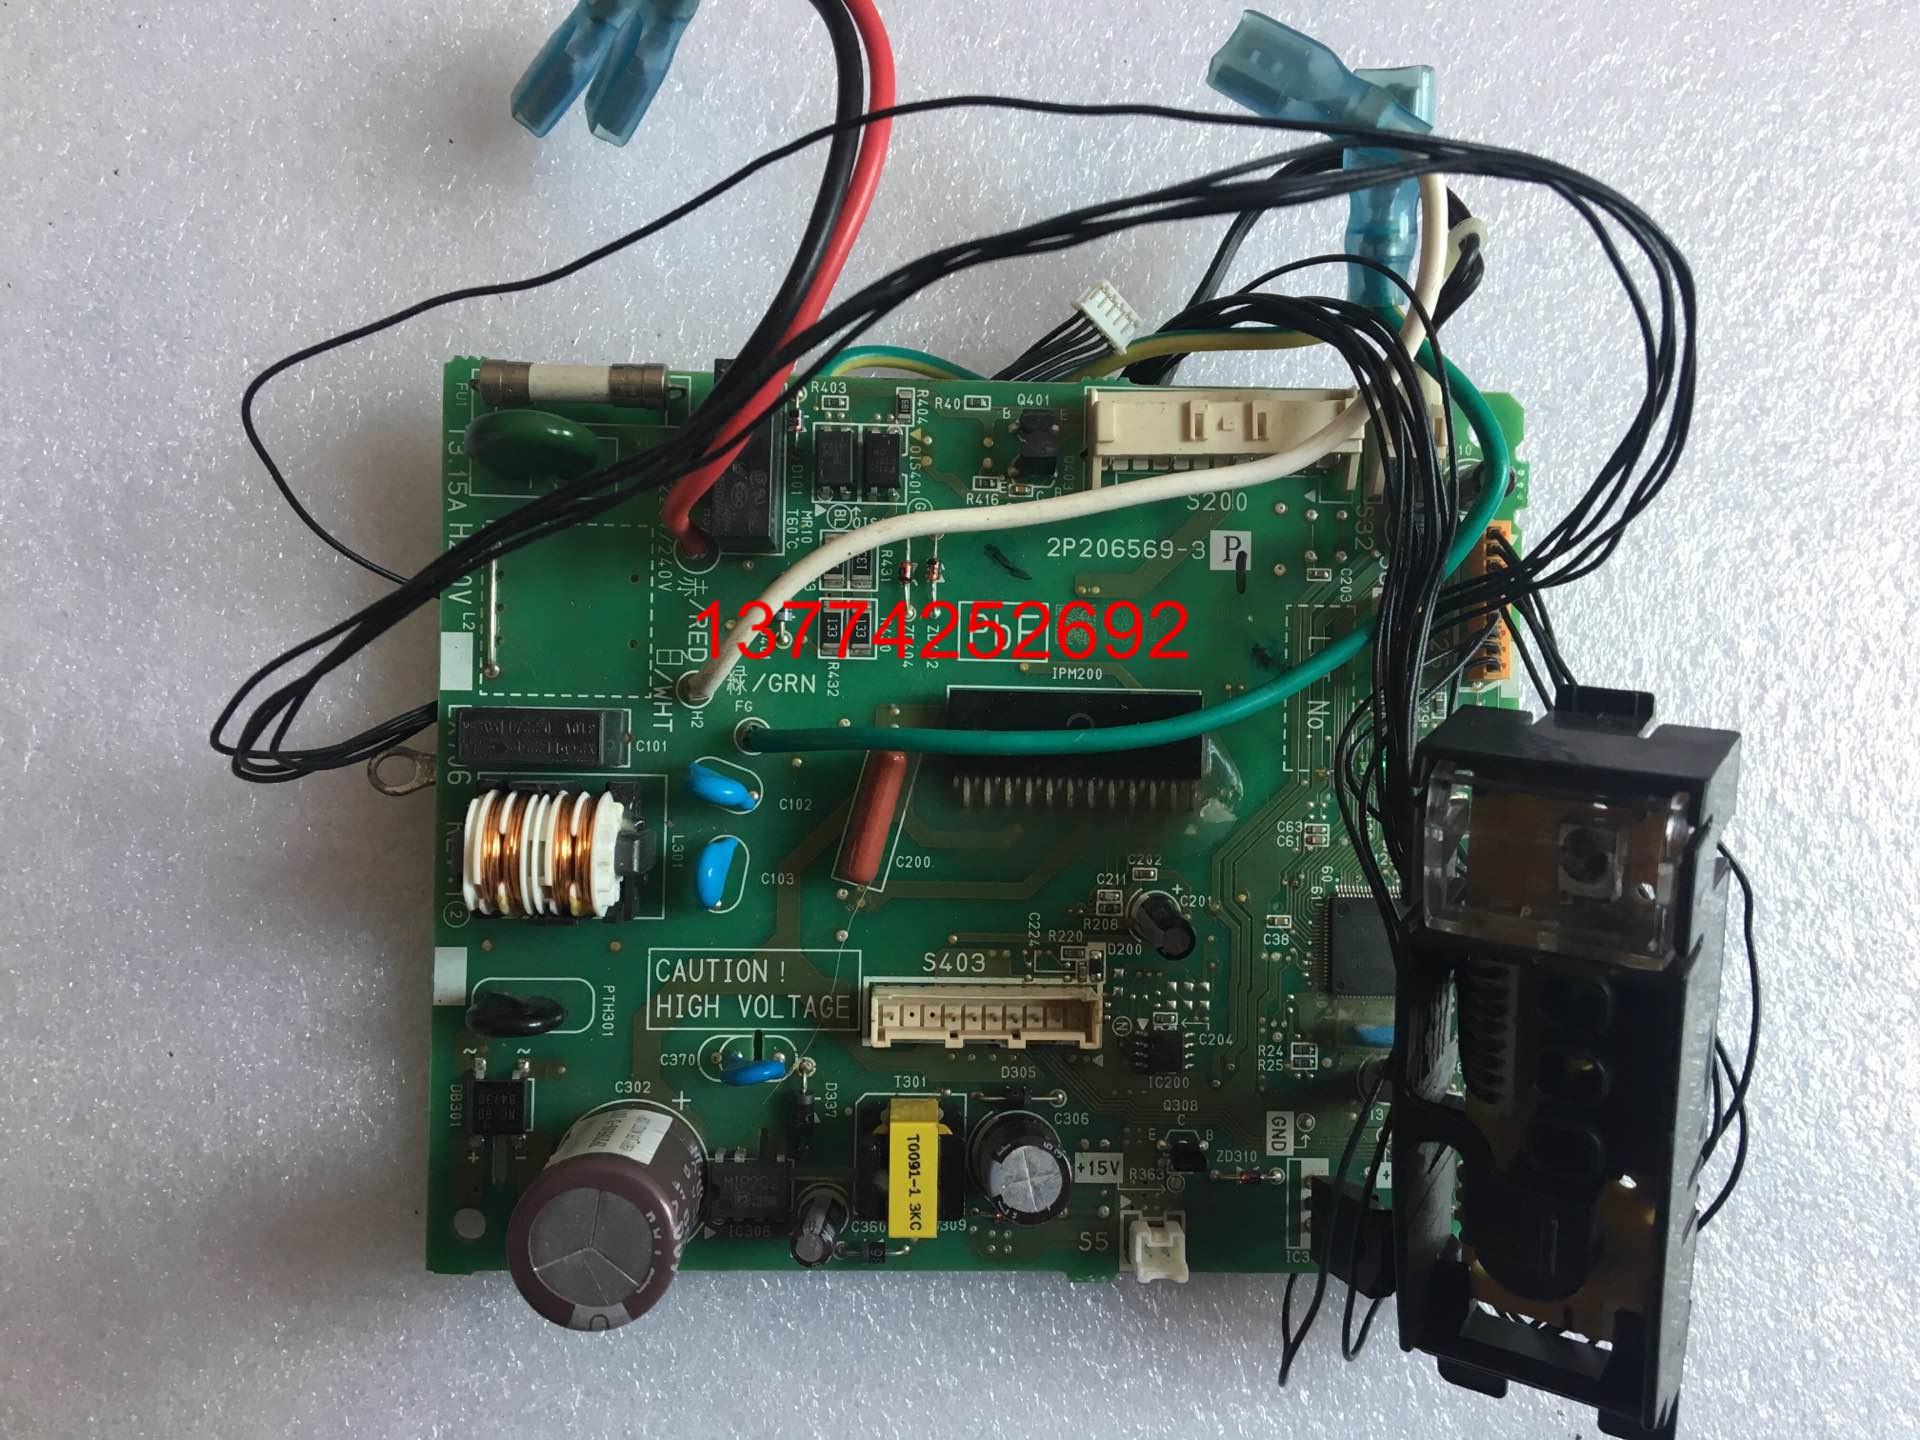 ダイキン週波数電話を切る回路基板2P206569-3ダイキン工業FTXS46JV2CW内機の板のマザーボード